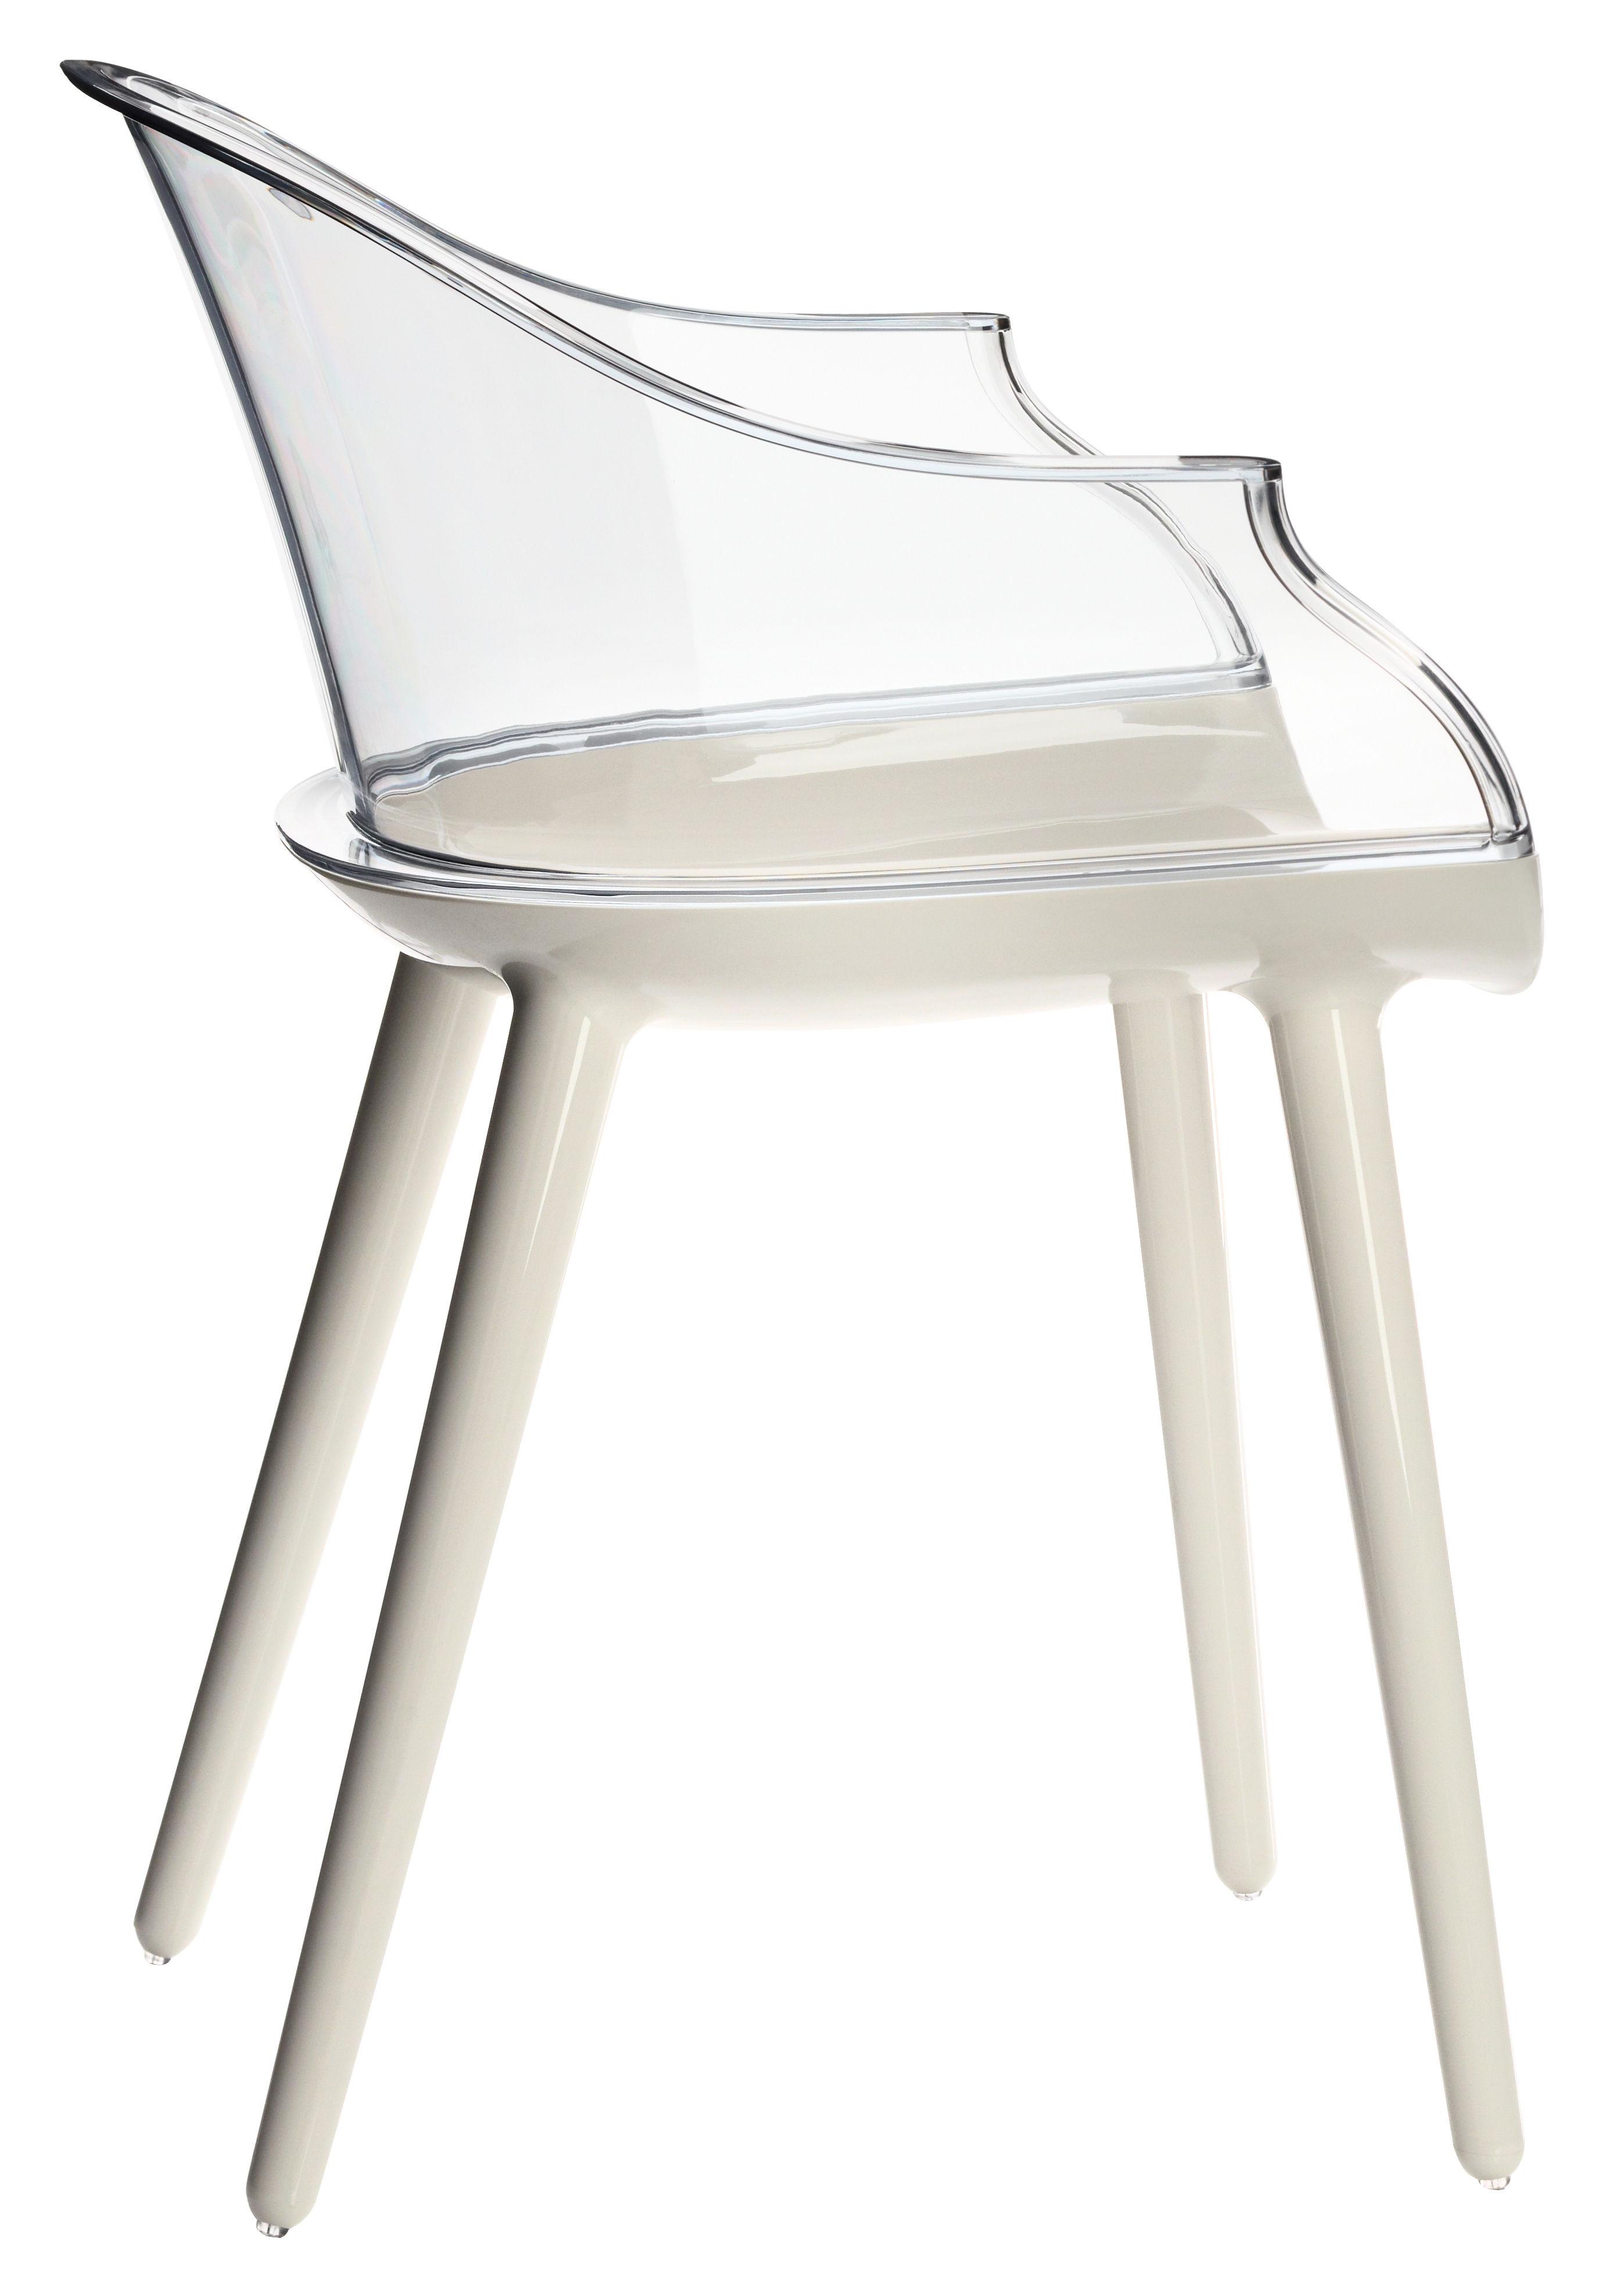 Mobilier - Chaises, fauteuils de salle à manger - Fauteuil Cyborg / Polycarbonate - Dossier transparent - Magis - Dossier cristal transparent / Pieds : blanc opaque - Polycarbonate